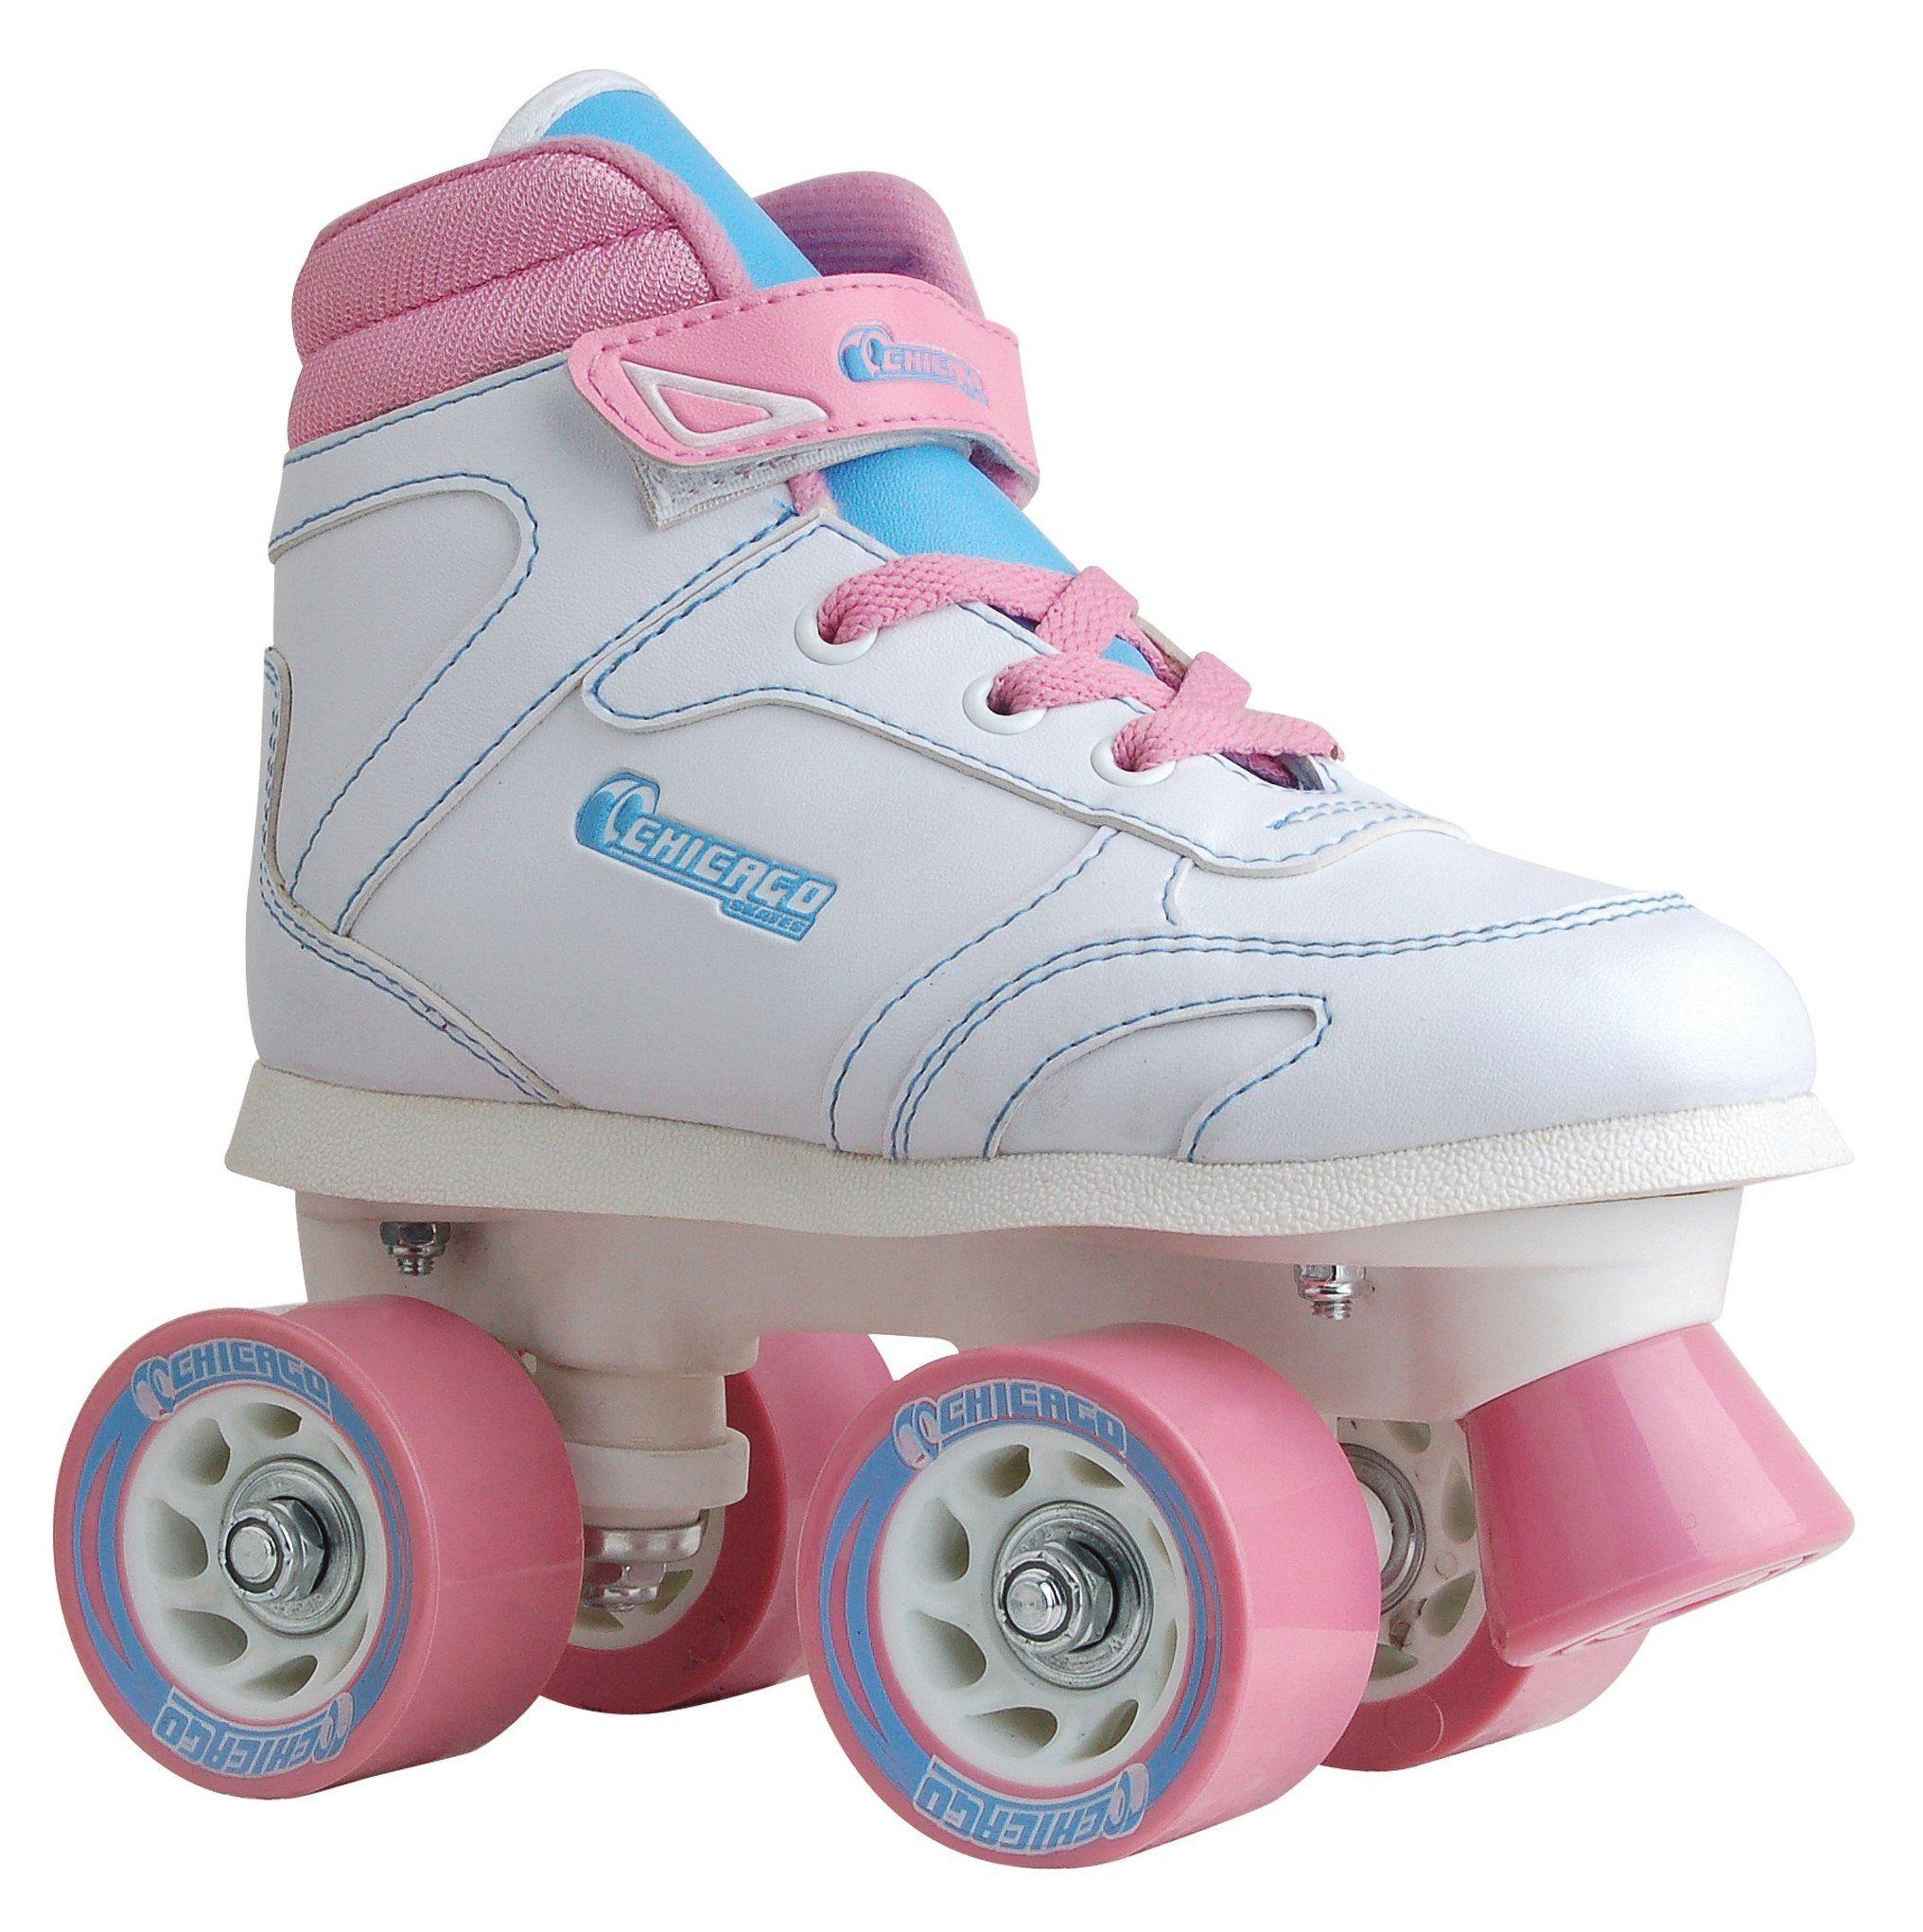 Chicago roller skates walmart - Amazon Com Chicago Girl S Sidewalk Skate Childrens Roller Skates Sports Outdoors